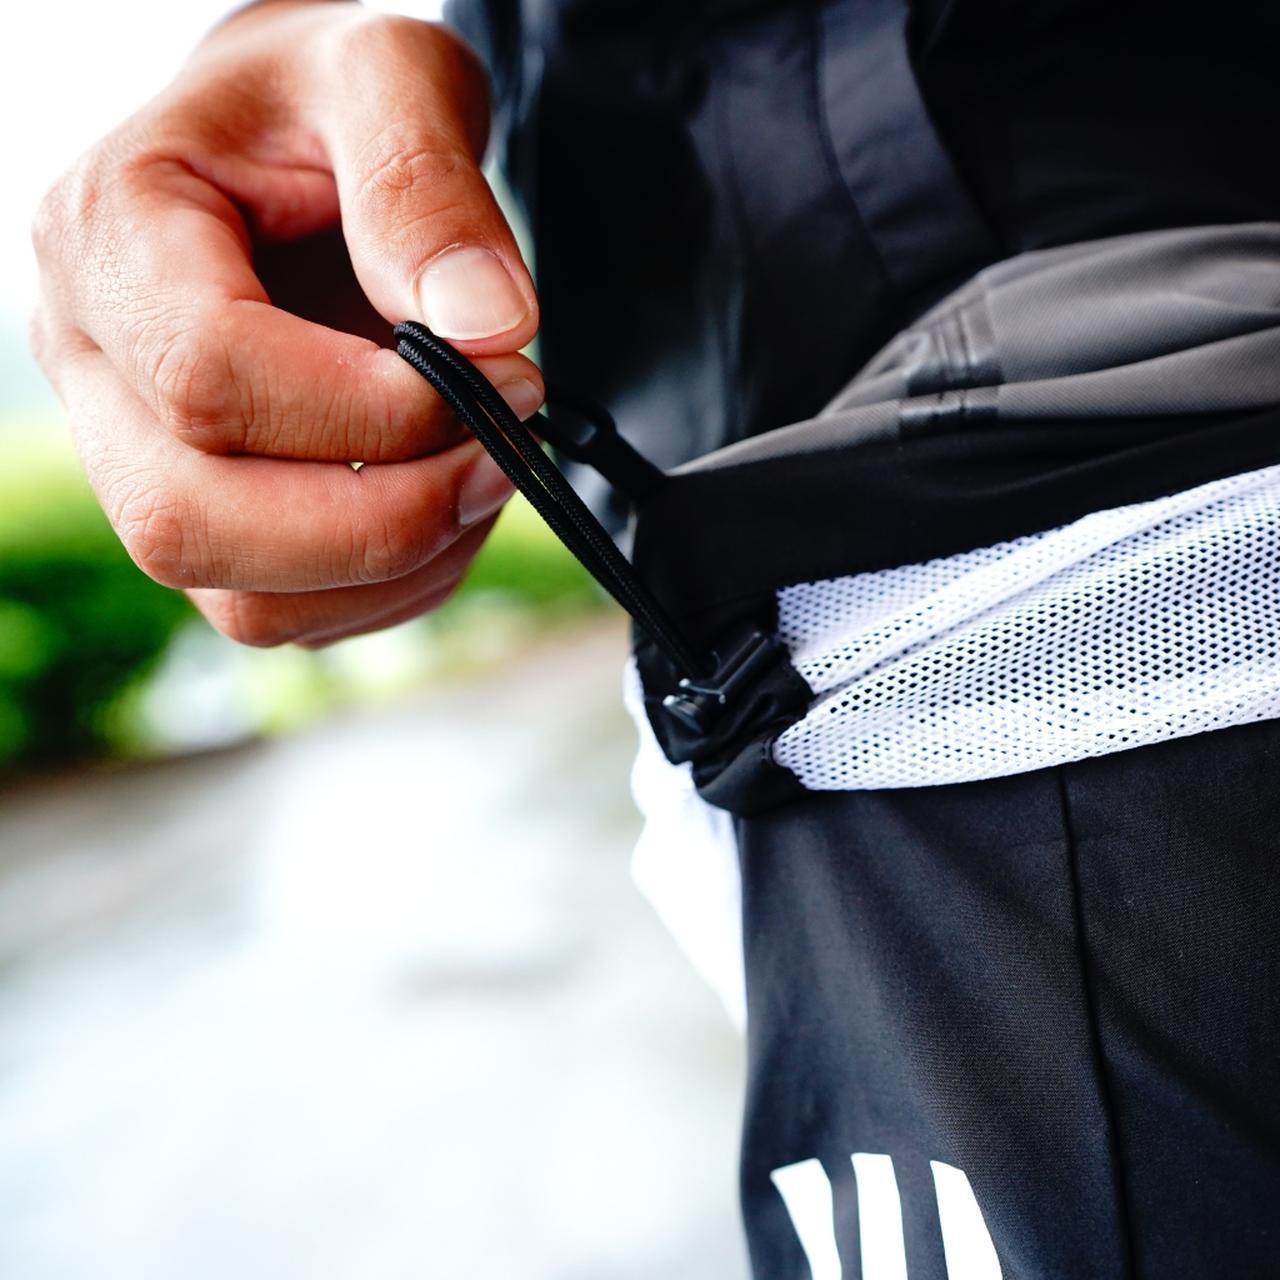 画像: 身長でサイズを決めると裾丈が合わないことも。 紐を絞るだけで調整できる